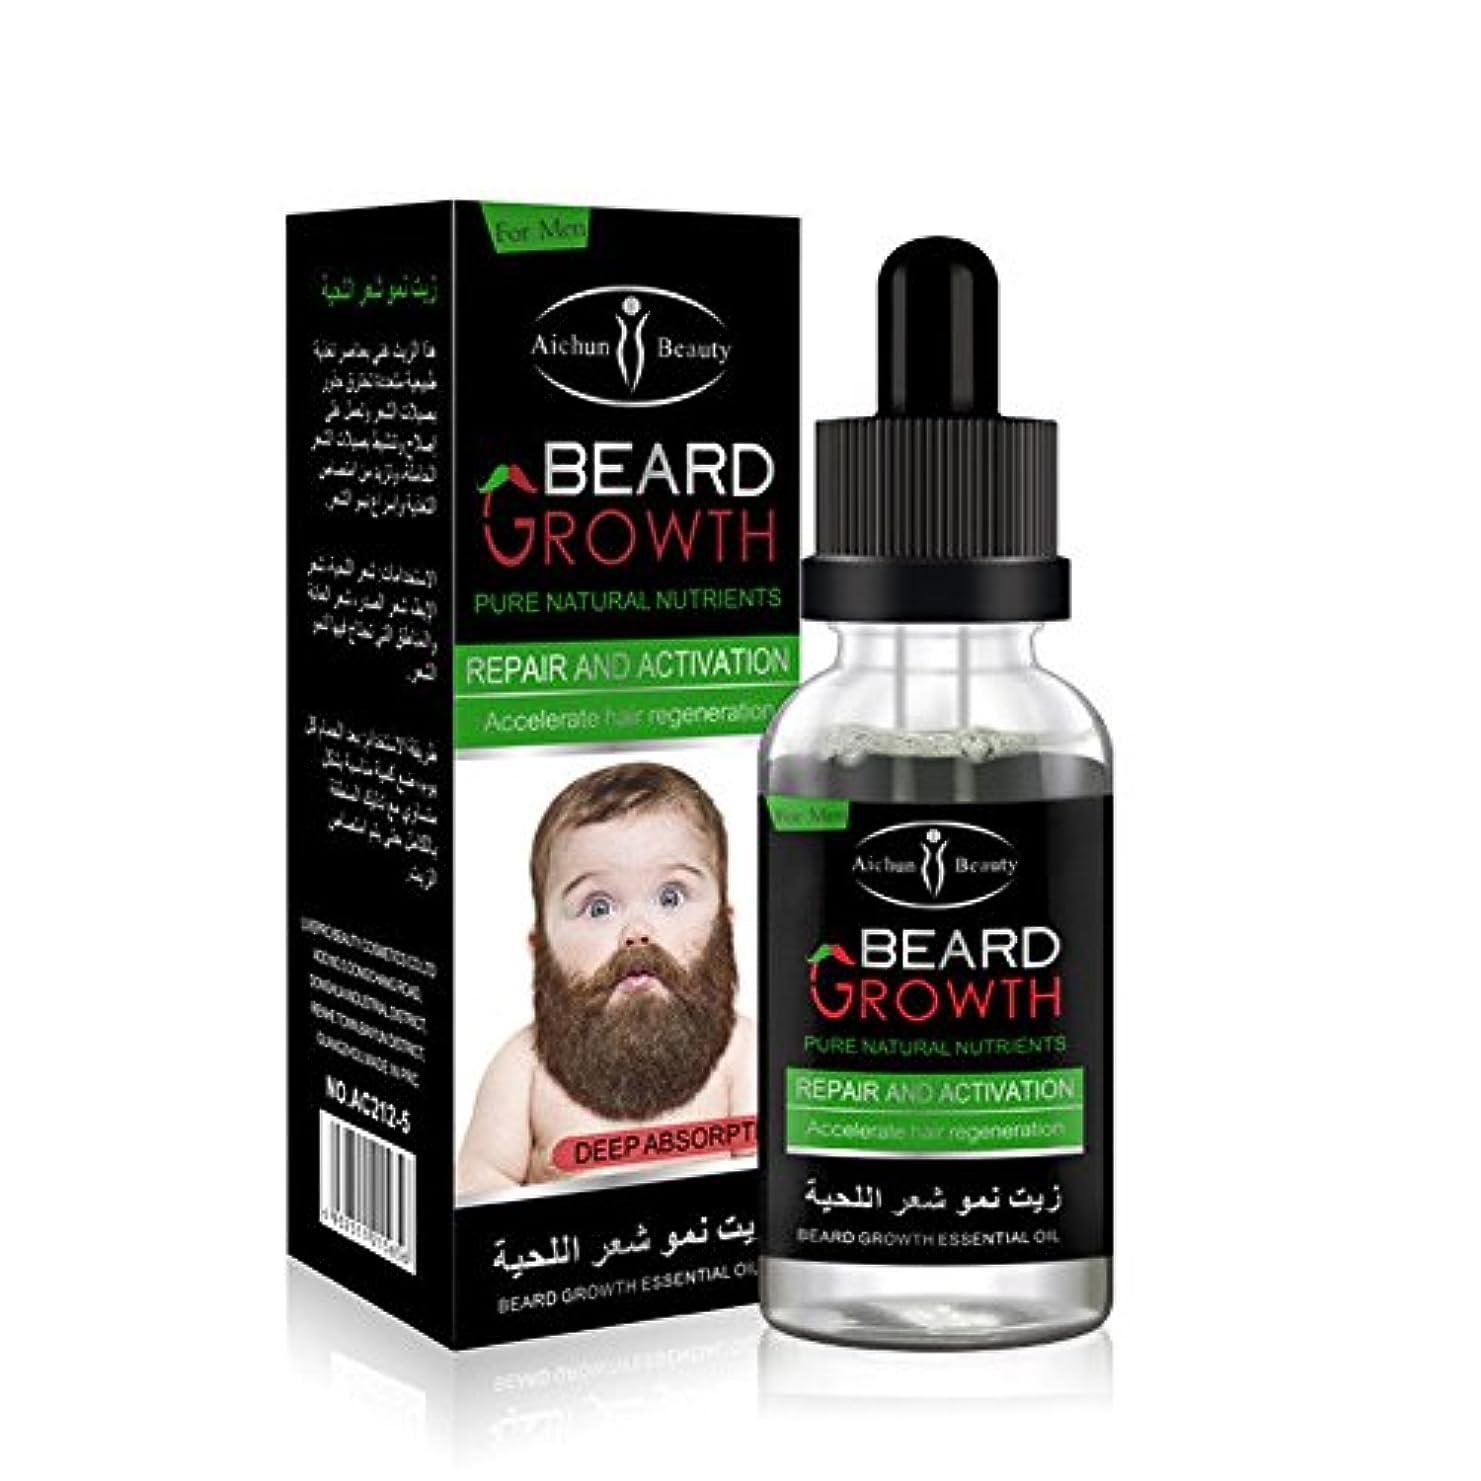 癒す好むお気に入り男性の髭ケア グルーミング コスメトロジー ひげ油 ひげワックス ひげ 収納袋付き (#1)